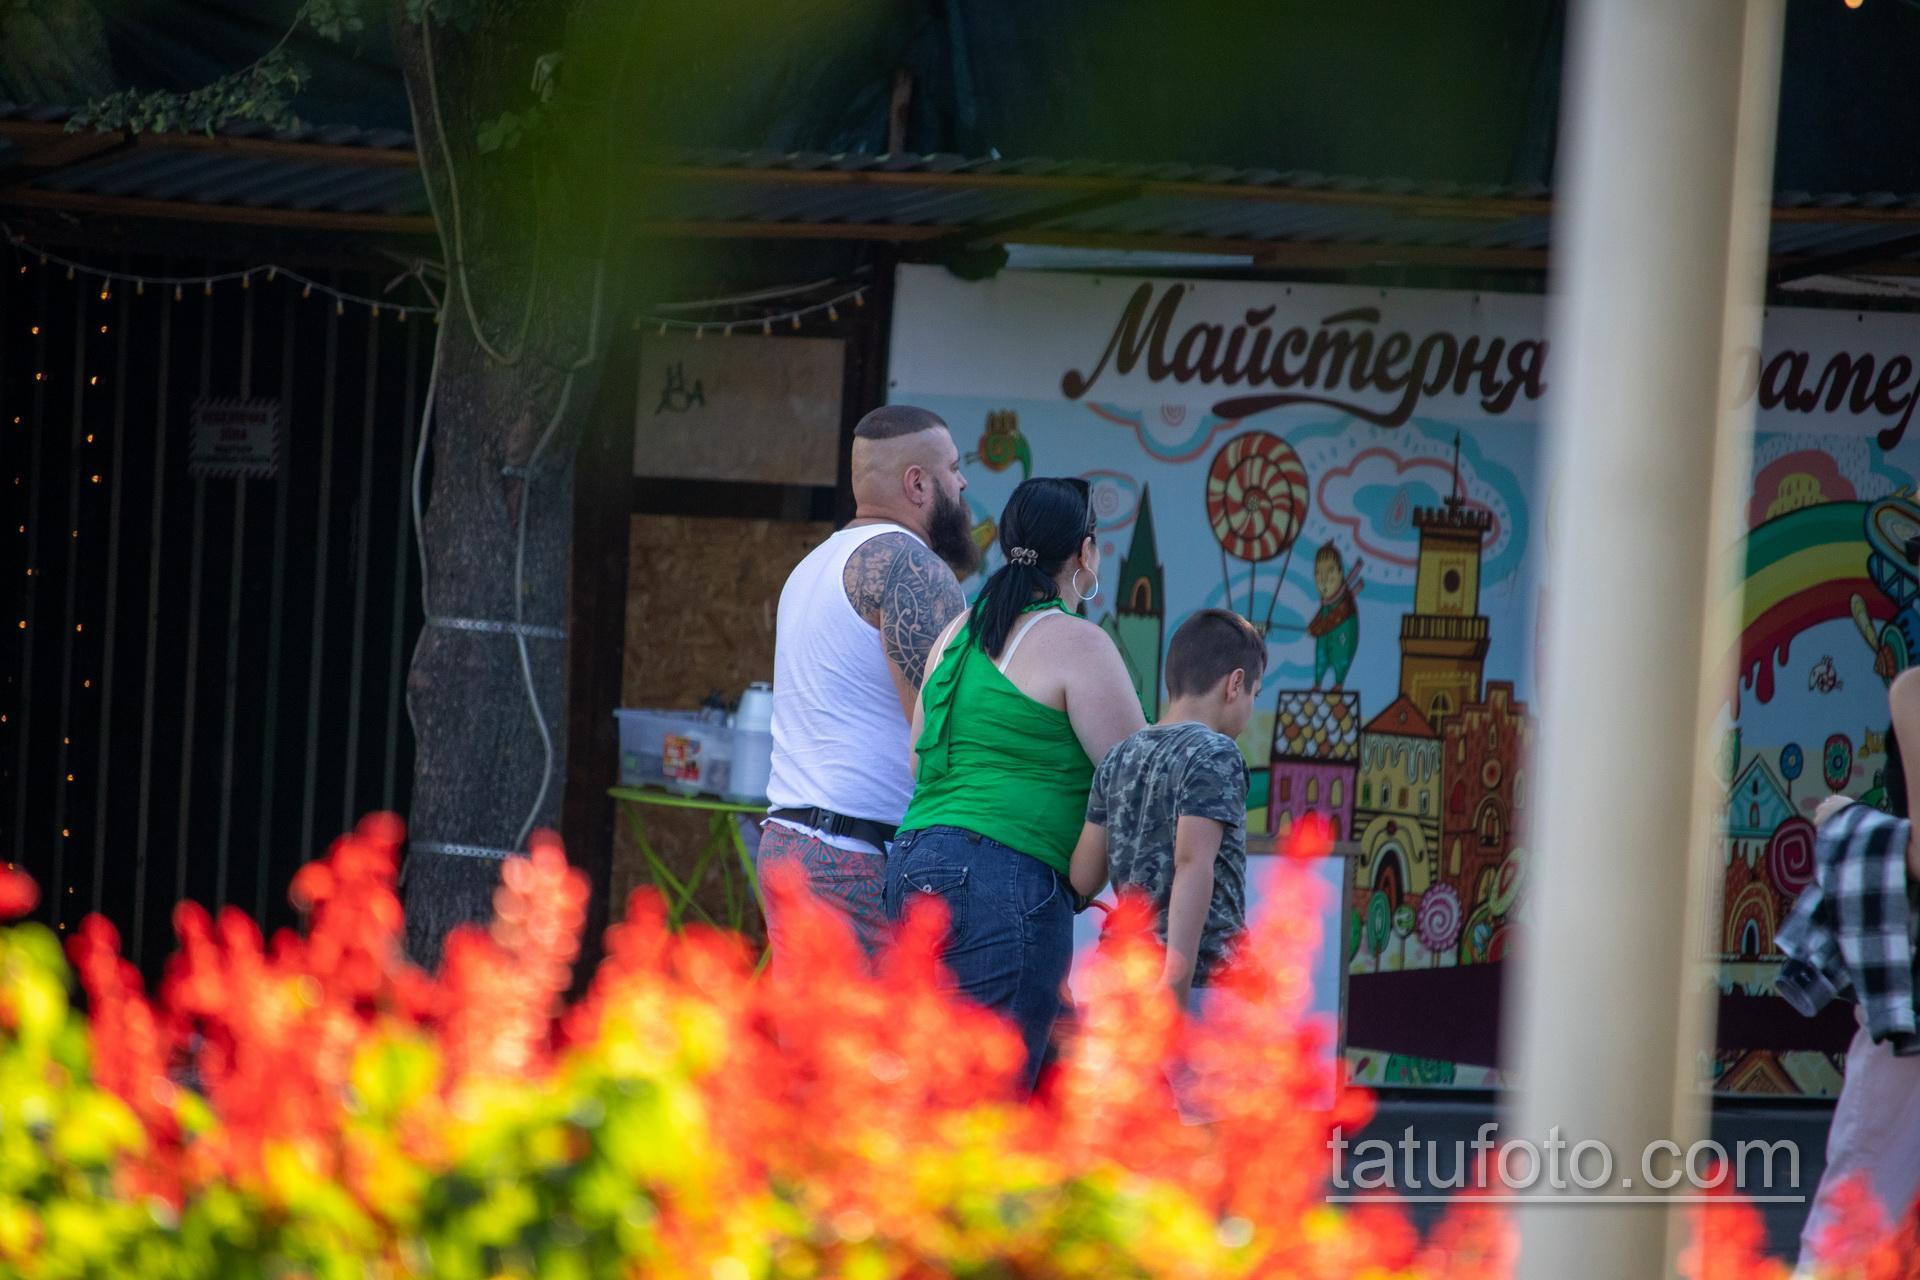 Татуировка с узорами и воином викингом на руке крупного бородатого мужчины – Уличная татуировка 14.09.2020 – tatufoto.com 7